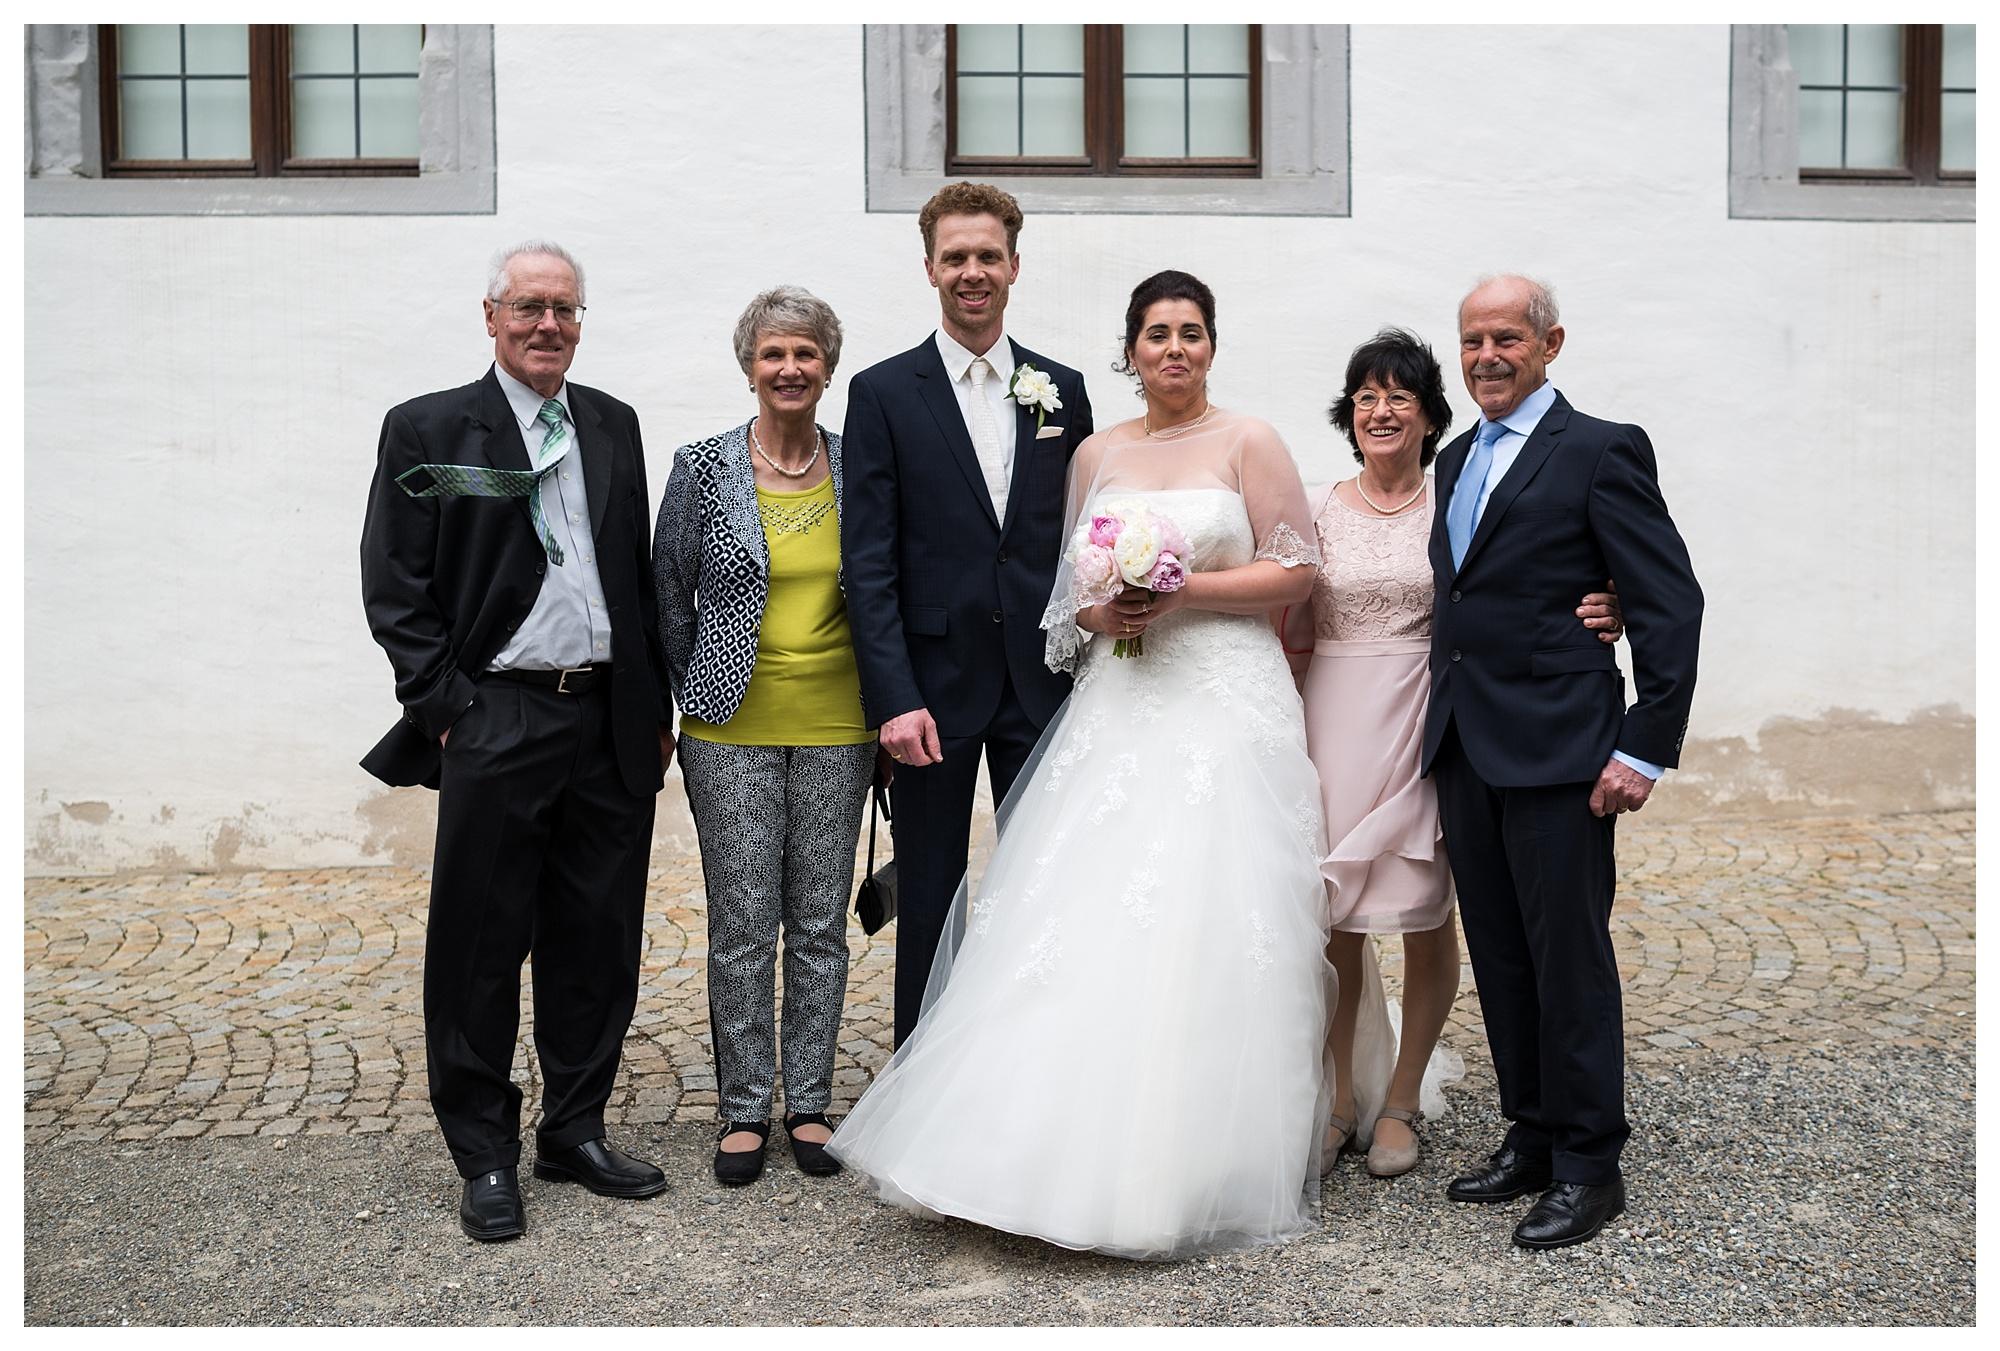 Fotograf Konstanz - Hochzeit Tanja Elmar Elmar Feuerbacher Photography Konstanz Messkirch Highlights 054 - Hochzeitsreportage von Tanja und Elmar im Schloss Meßkirch  - 53 -